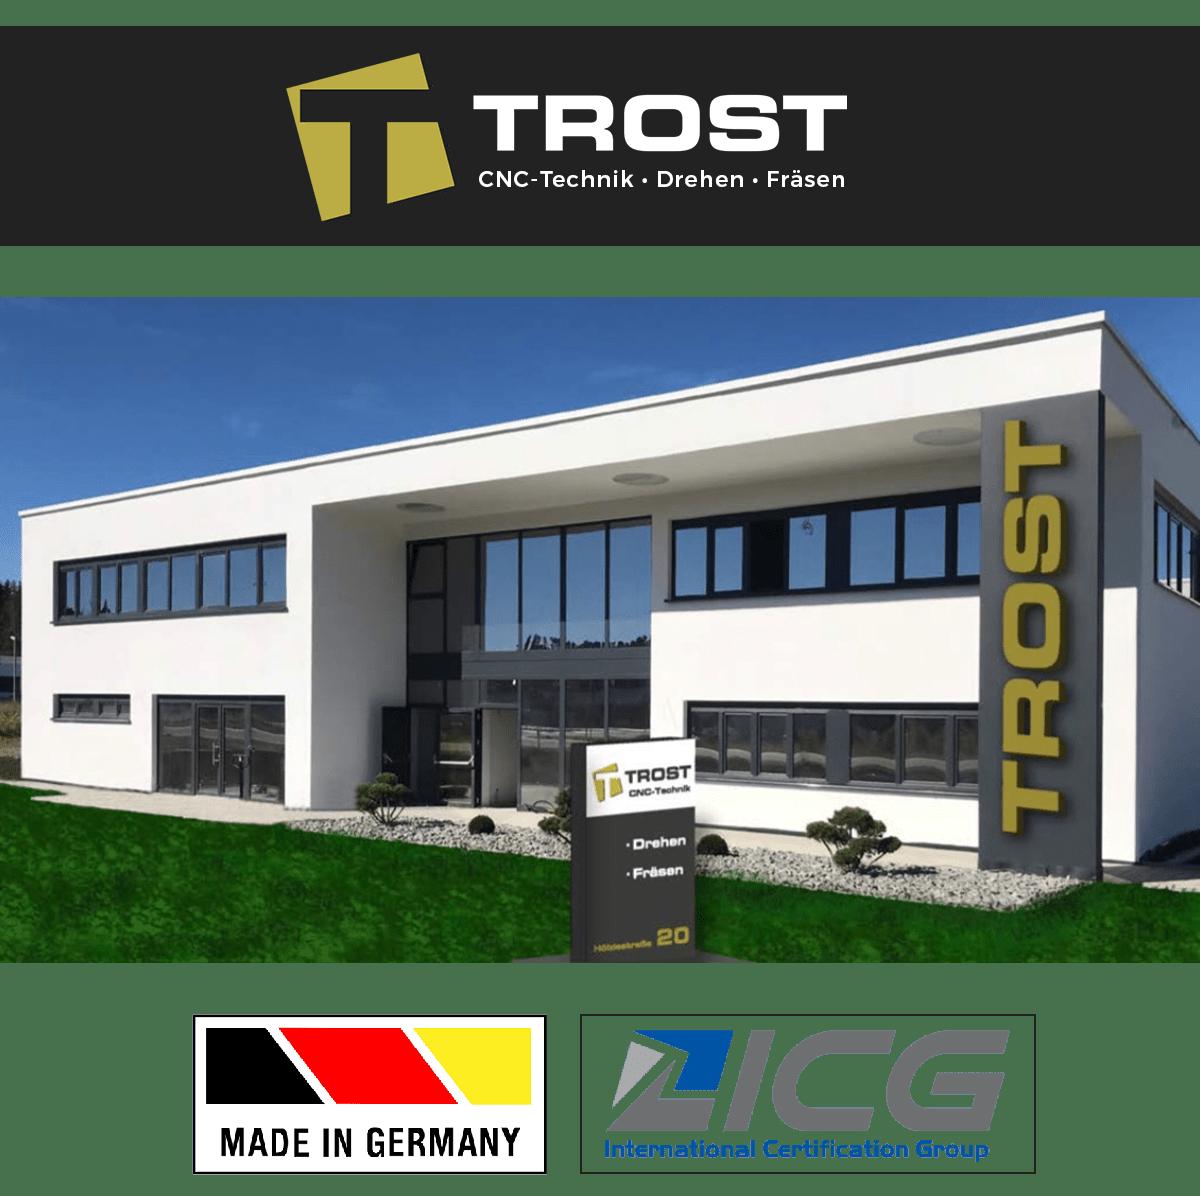 trost-cnc-technik-standort-min (1)